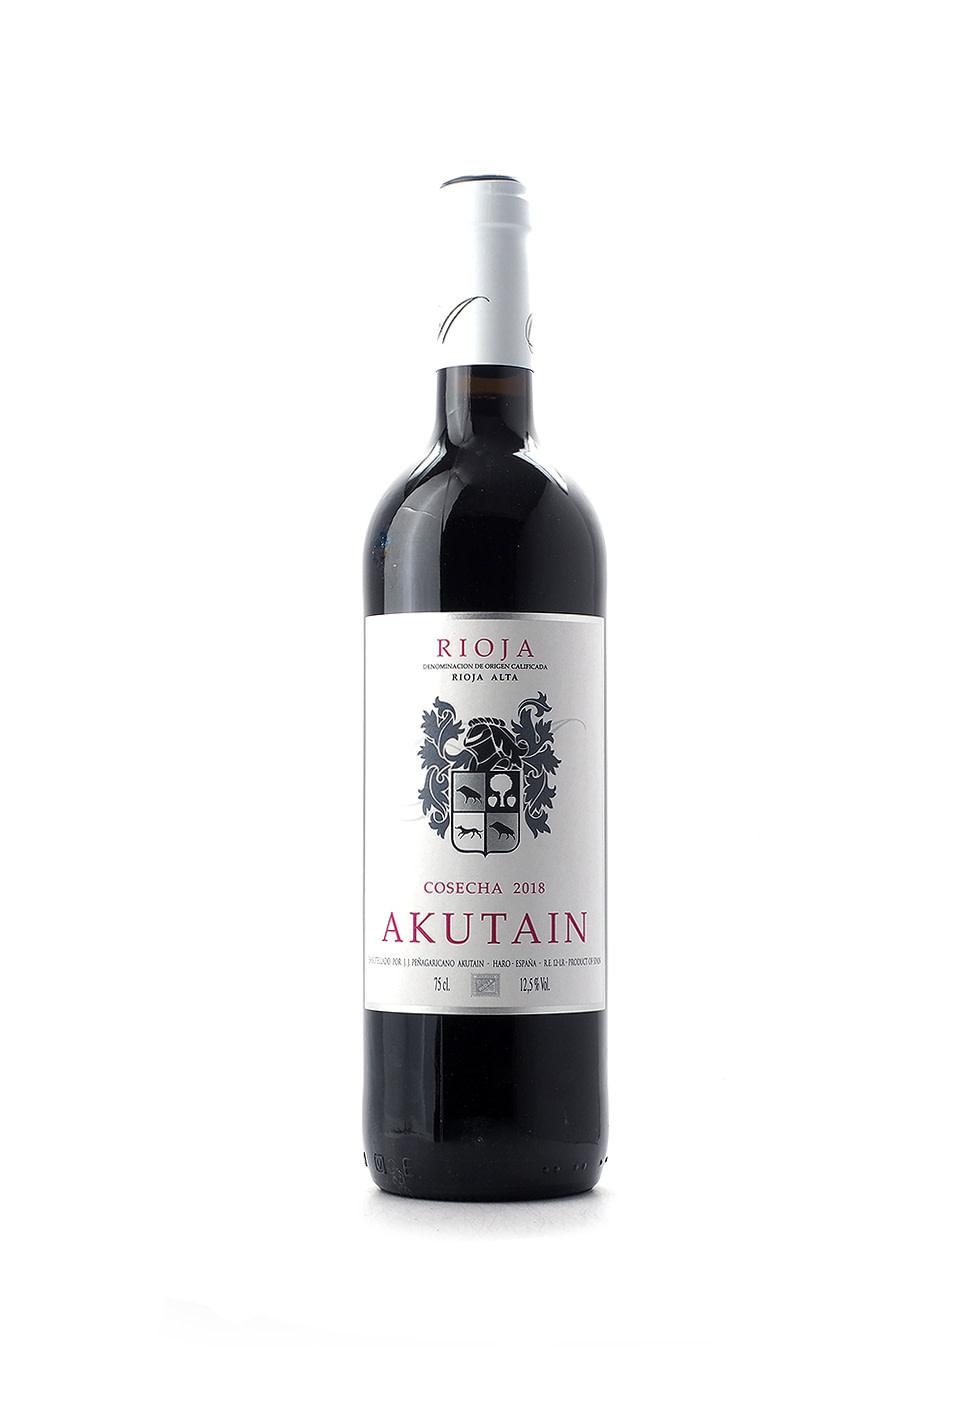 Akutain Rioja Cosecha 2018